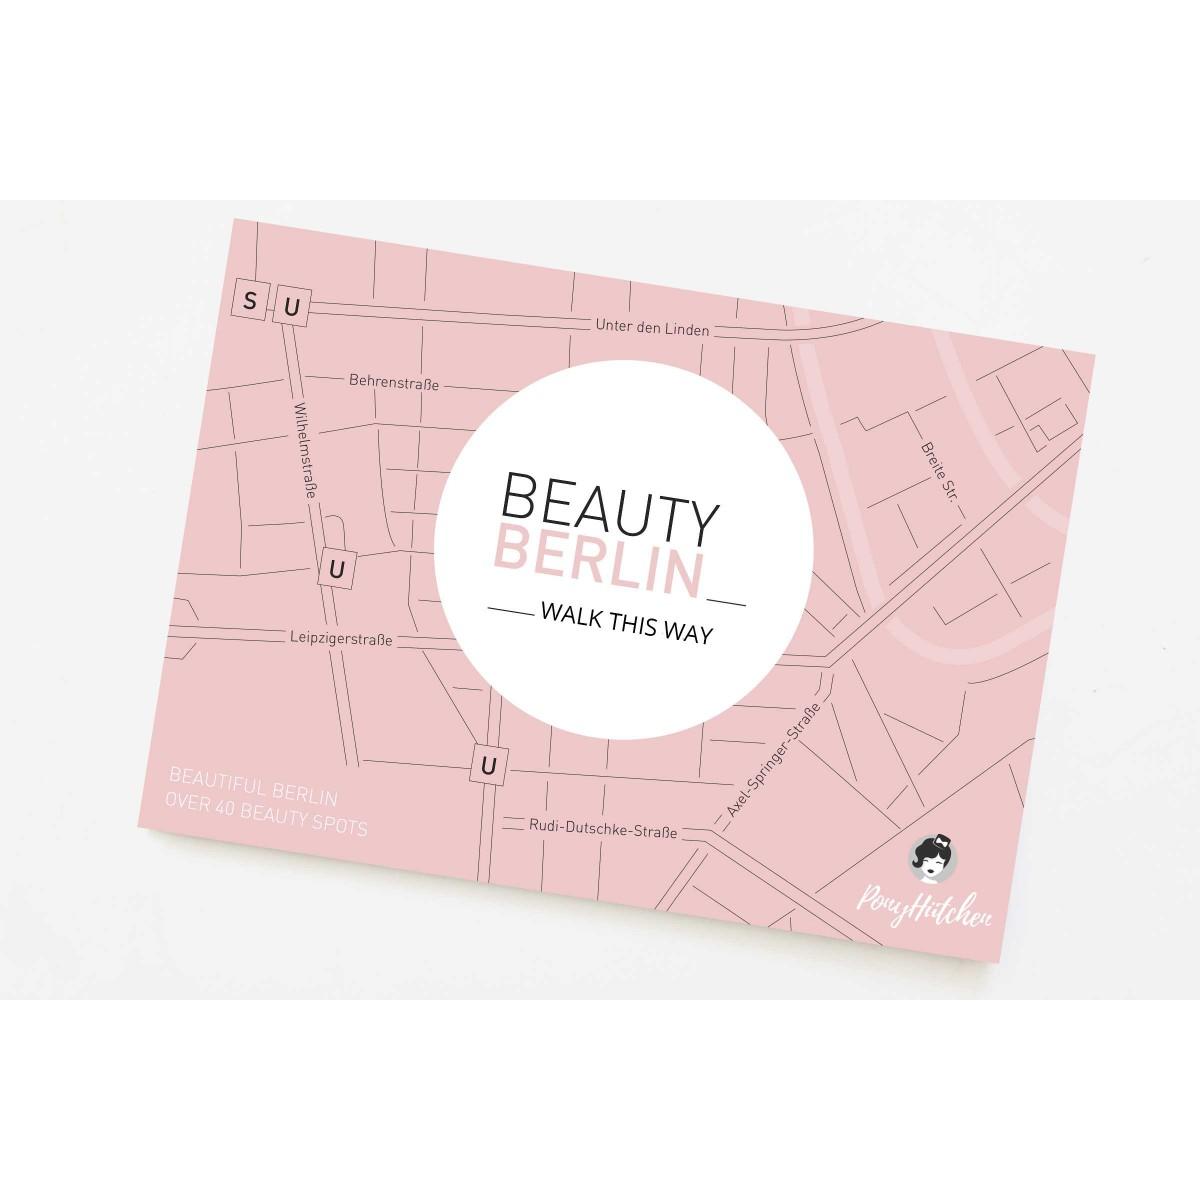 Reiseführer BeautyBerlin für Berlin